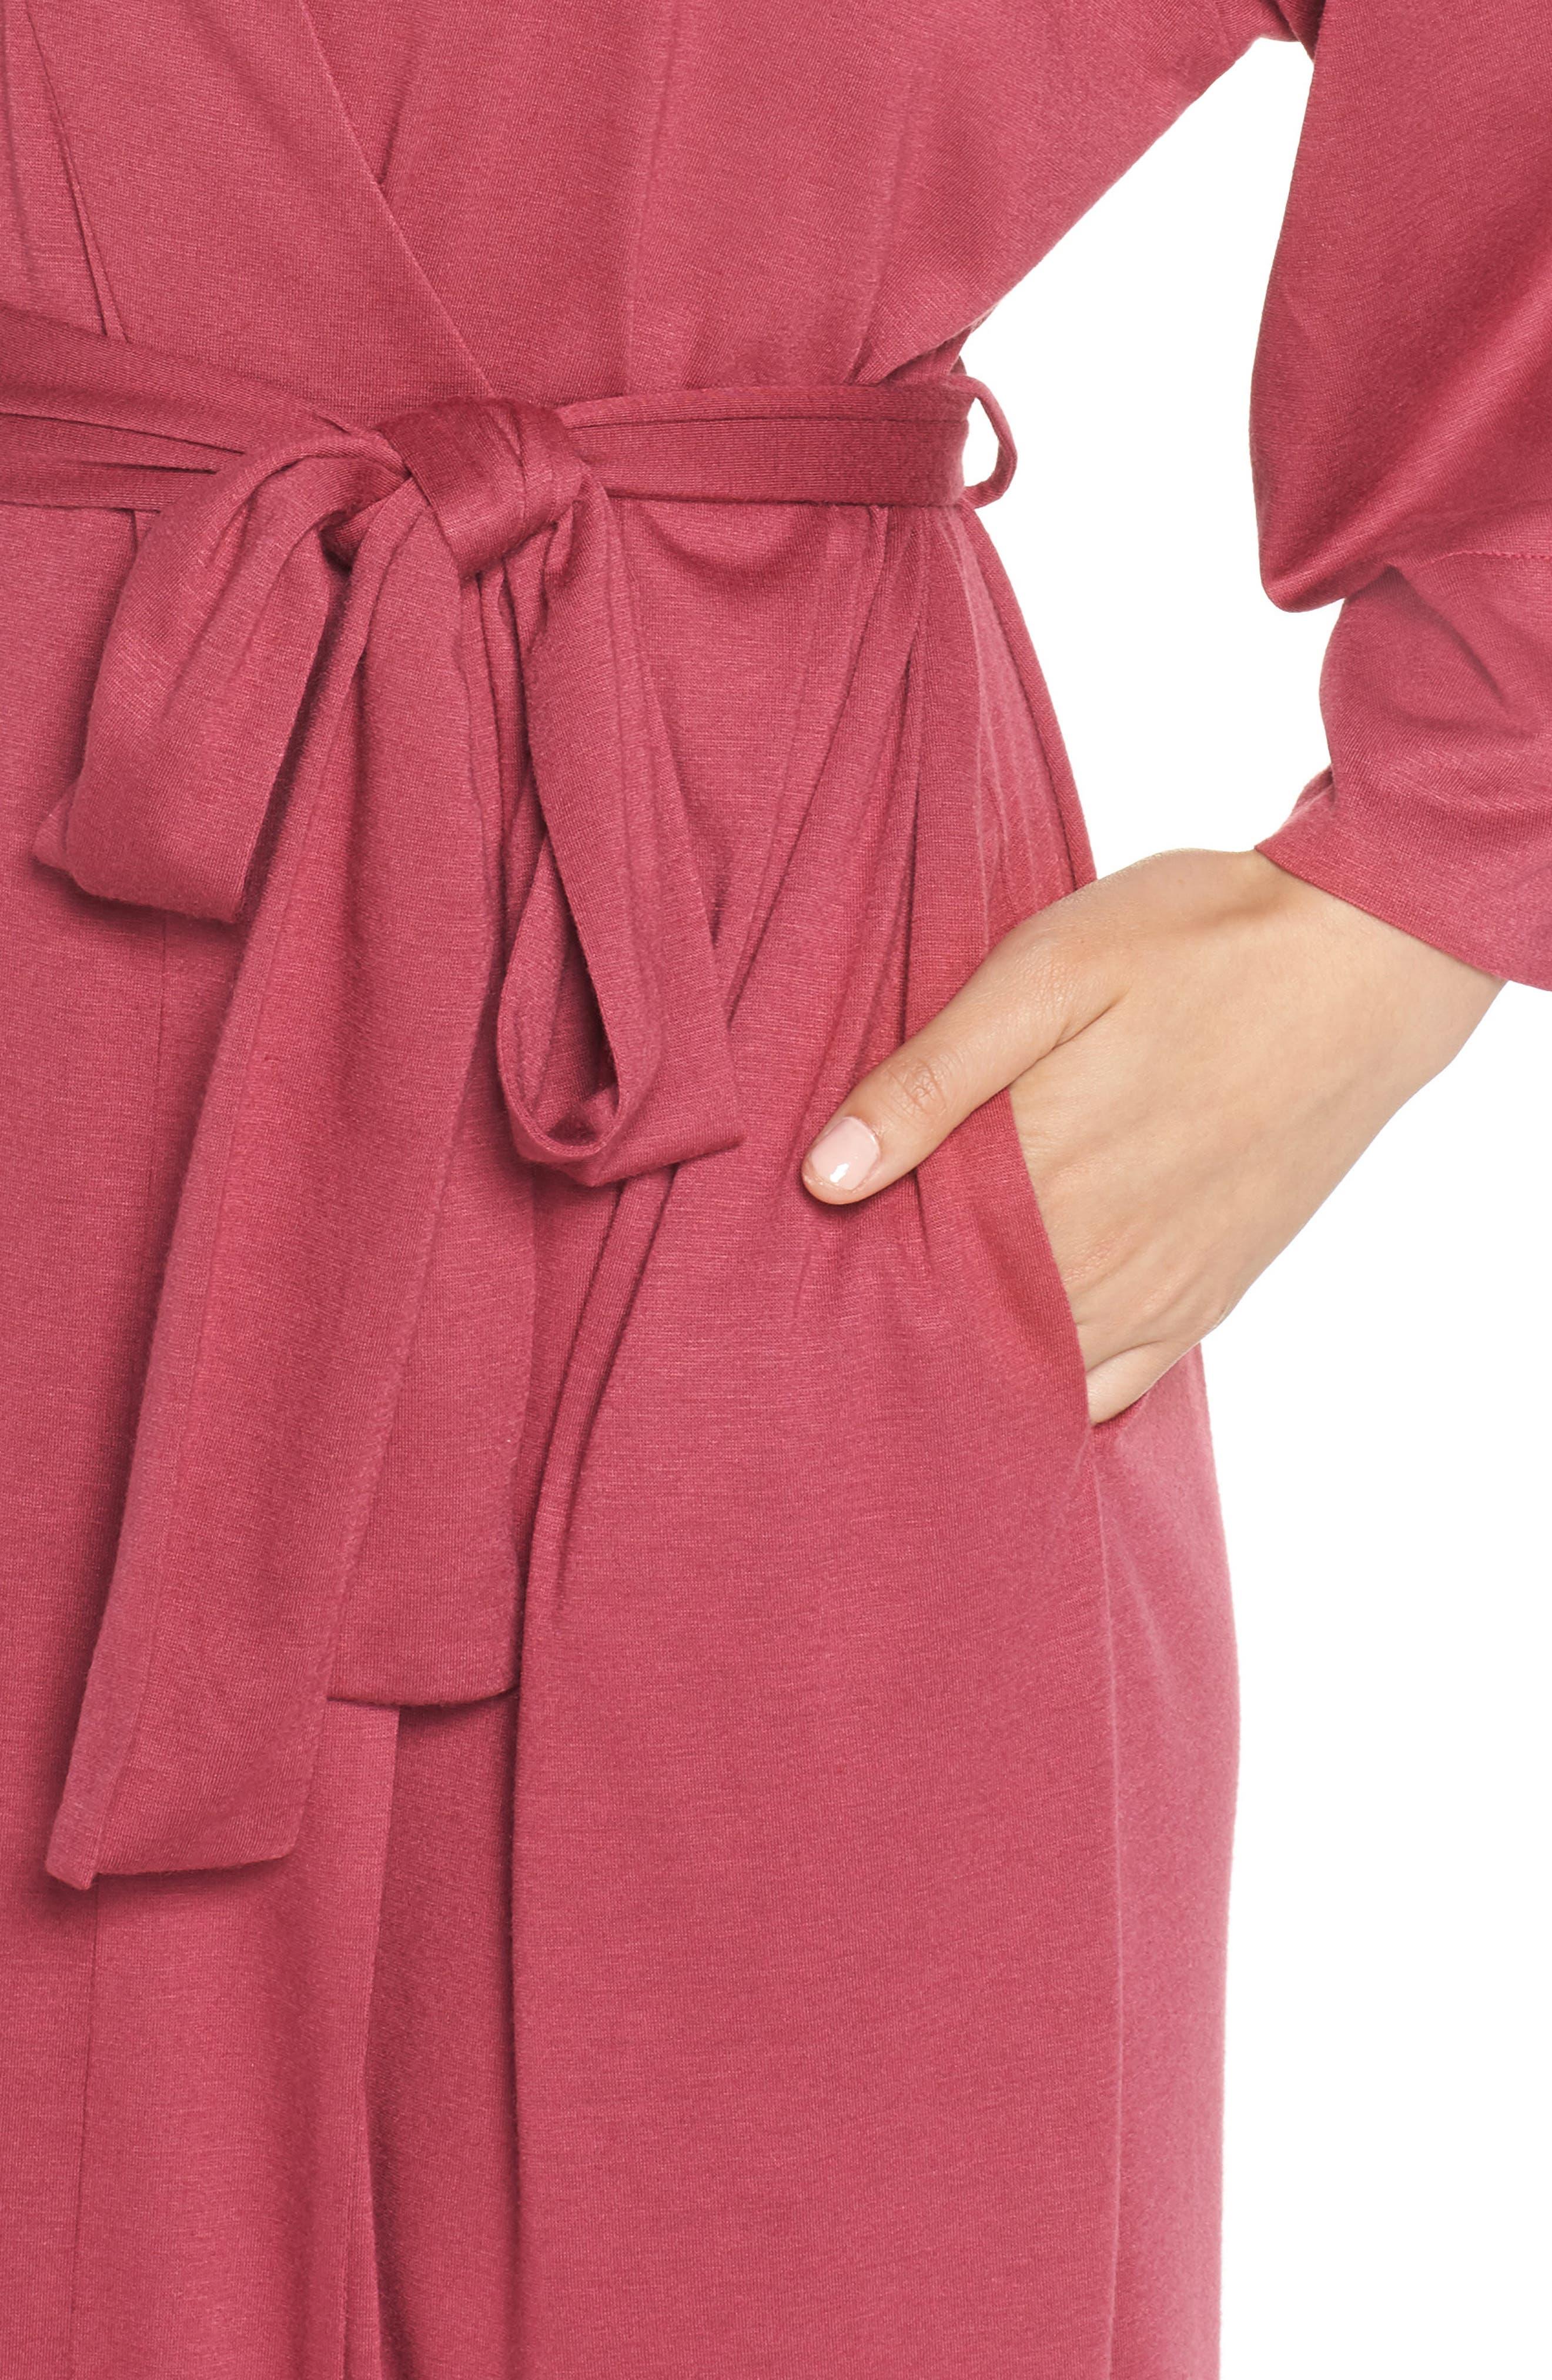 'Shangri-La' Robe,                             Alternate thumbnail 4, color,                             RUB RUBY